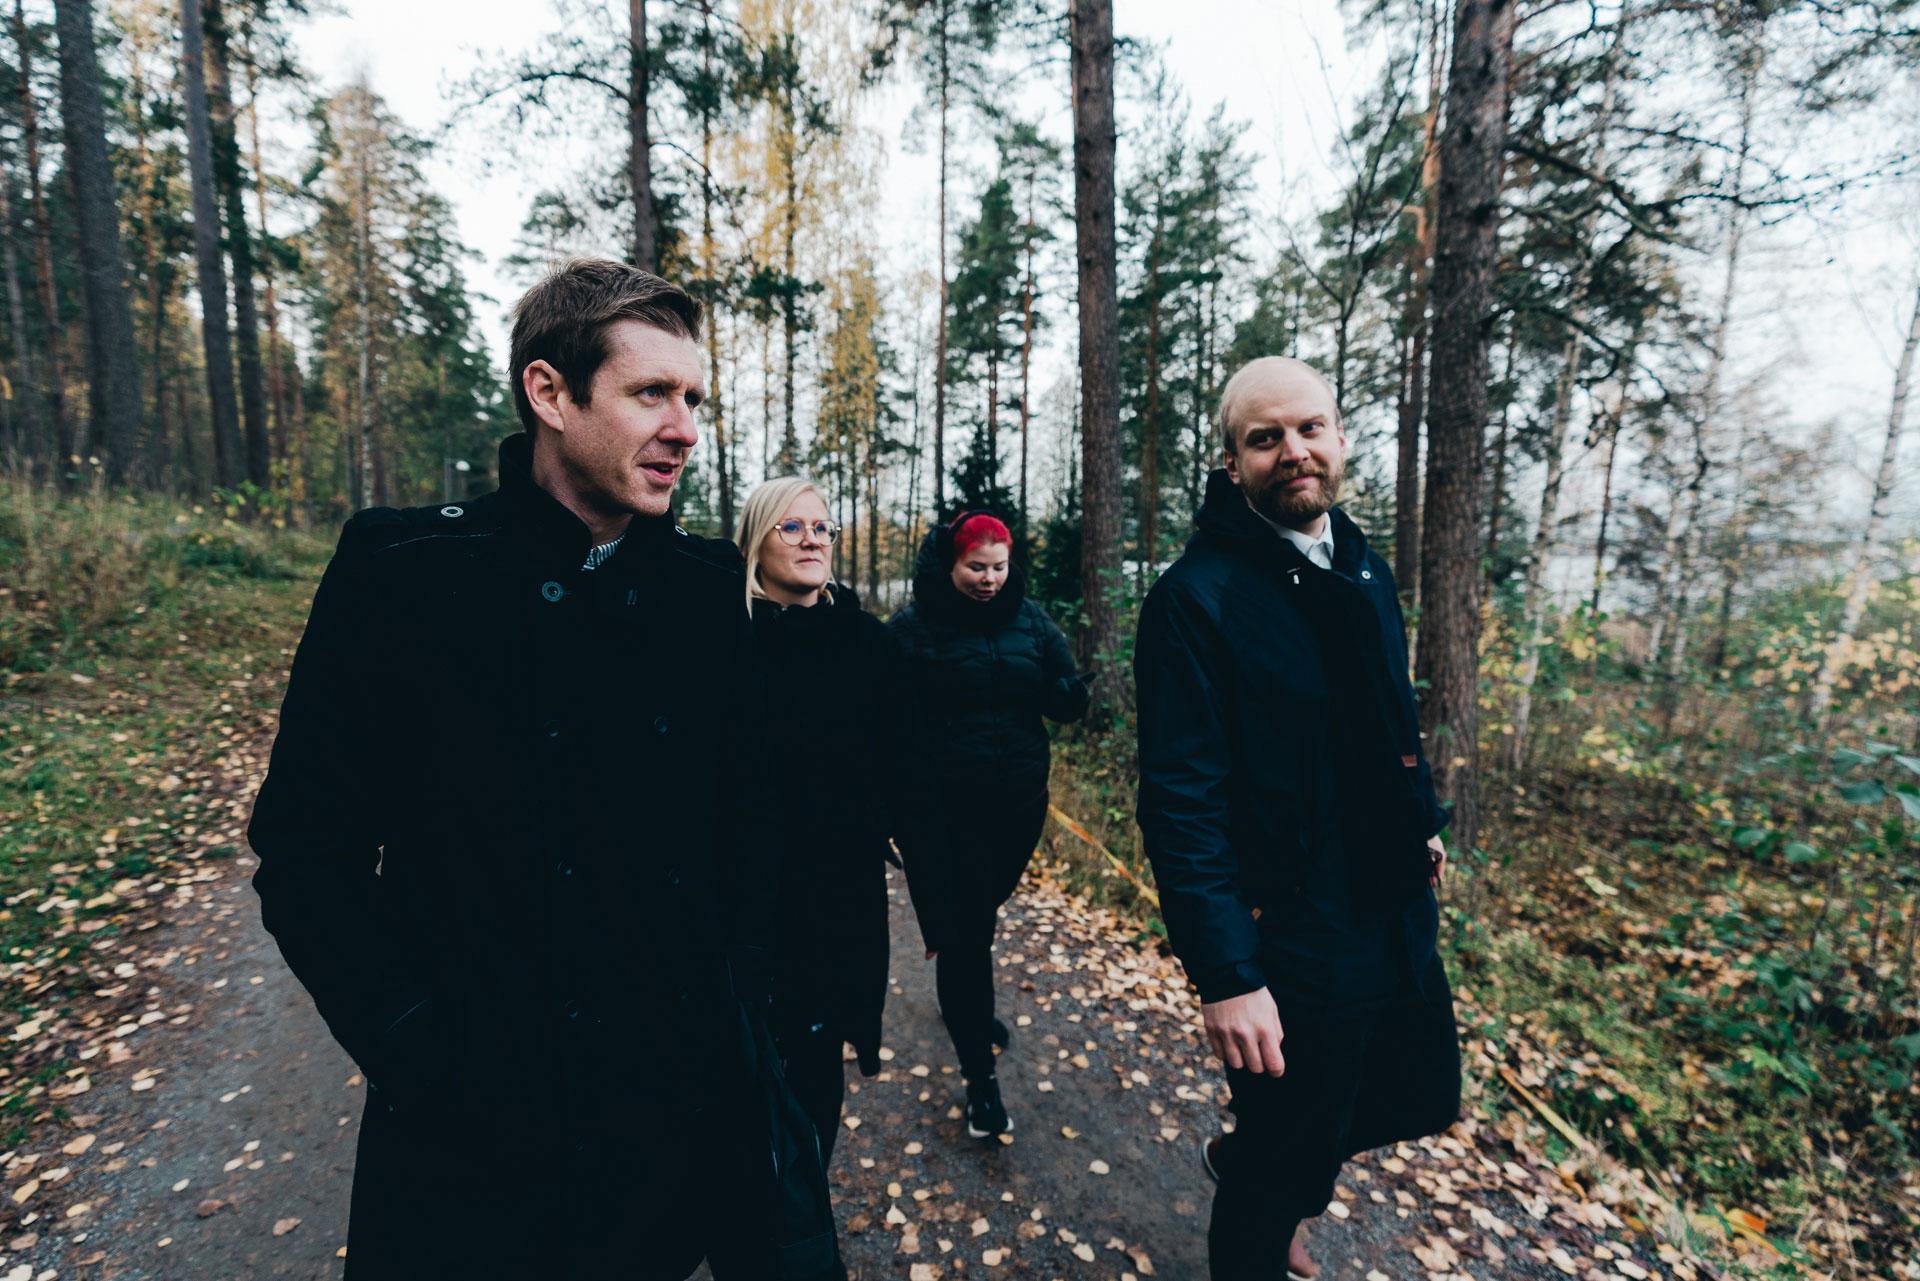 Kaksi miestä ja kaksi naista kävelee metsätiellä.